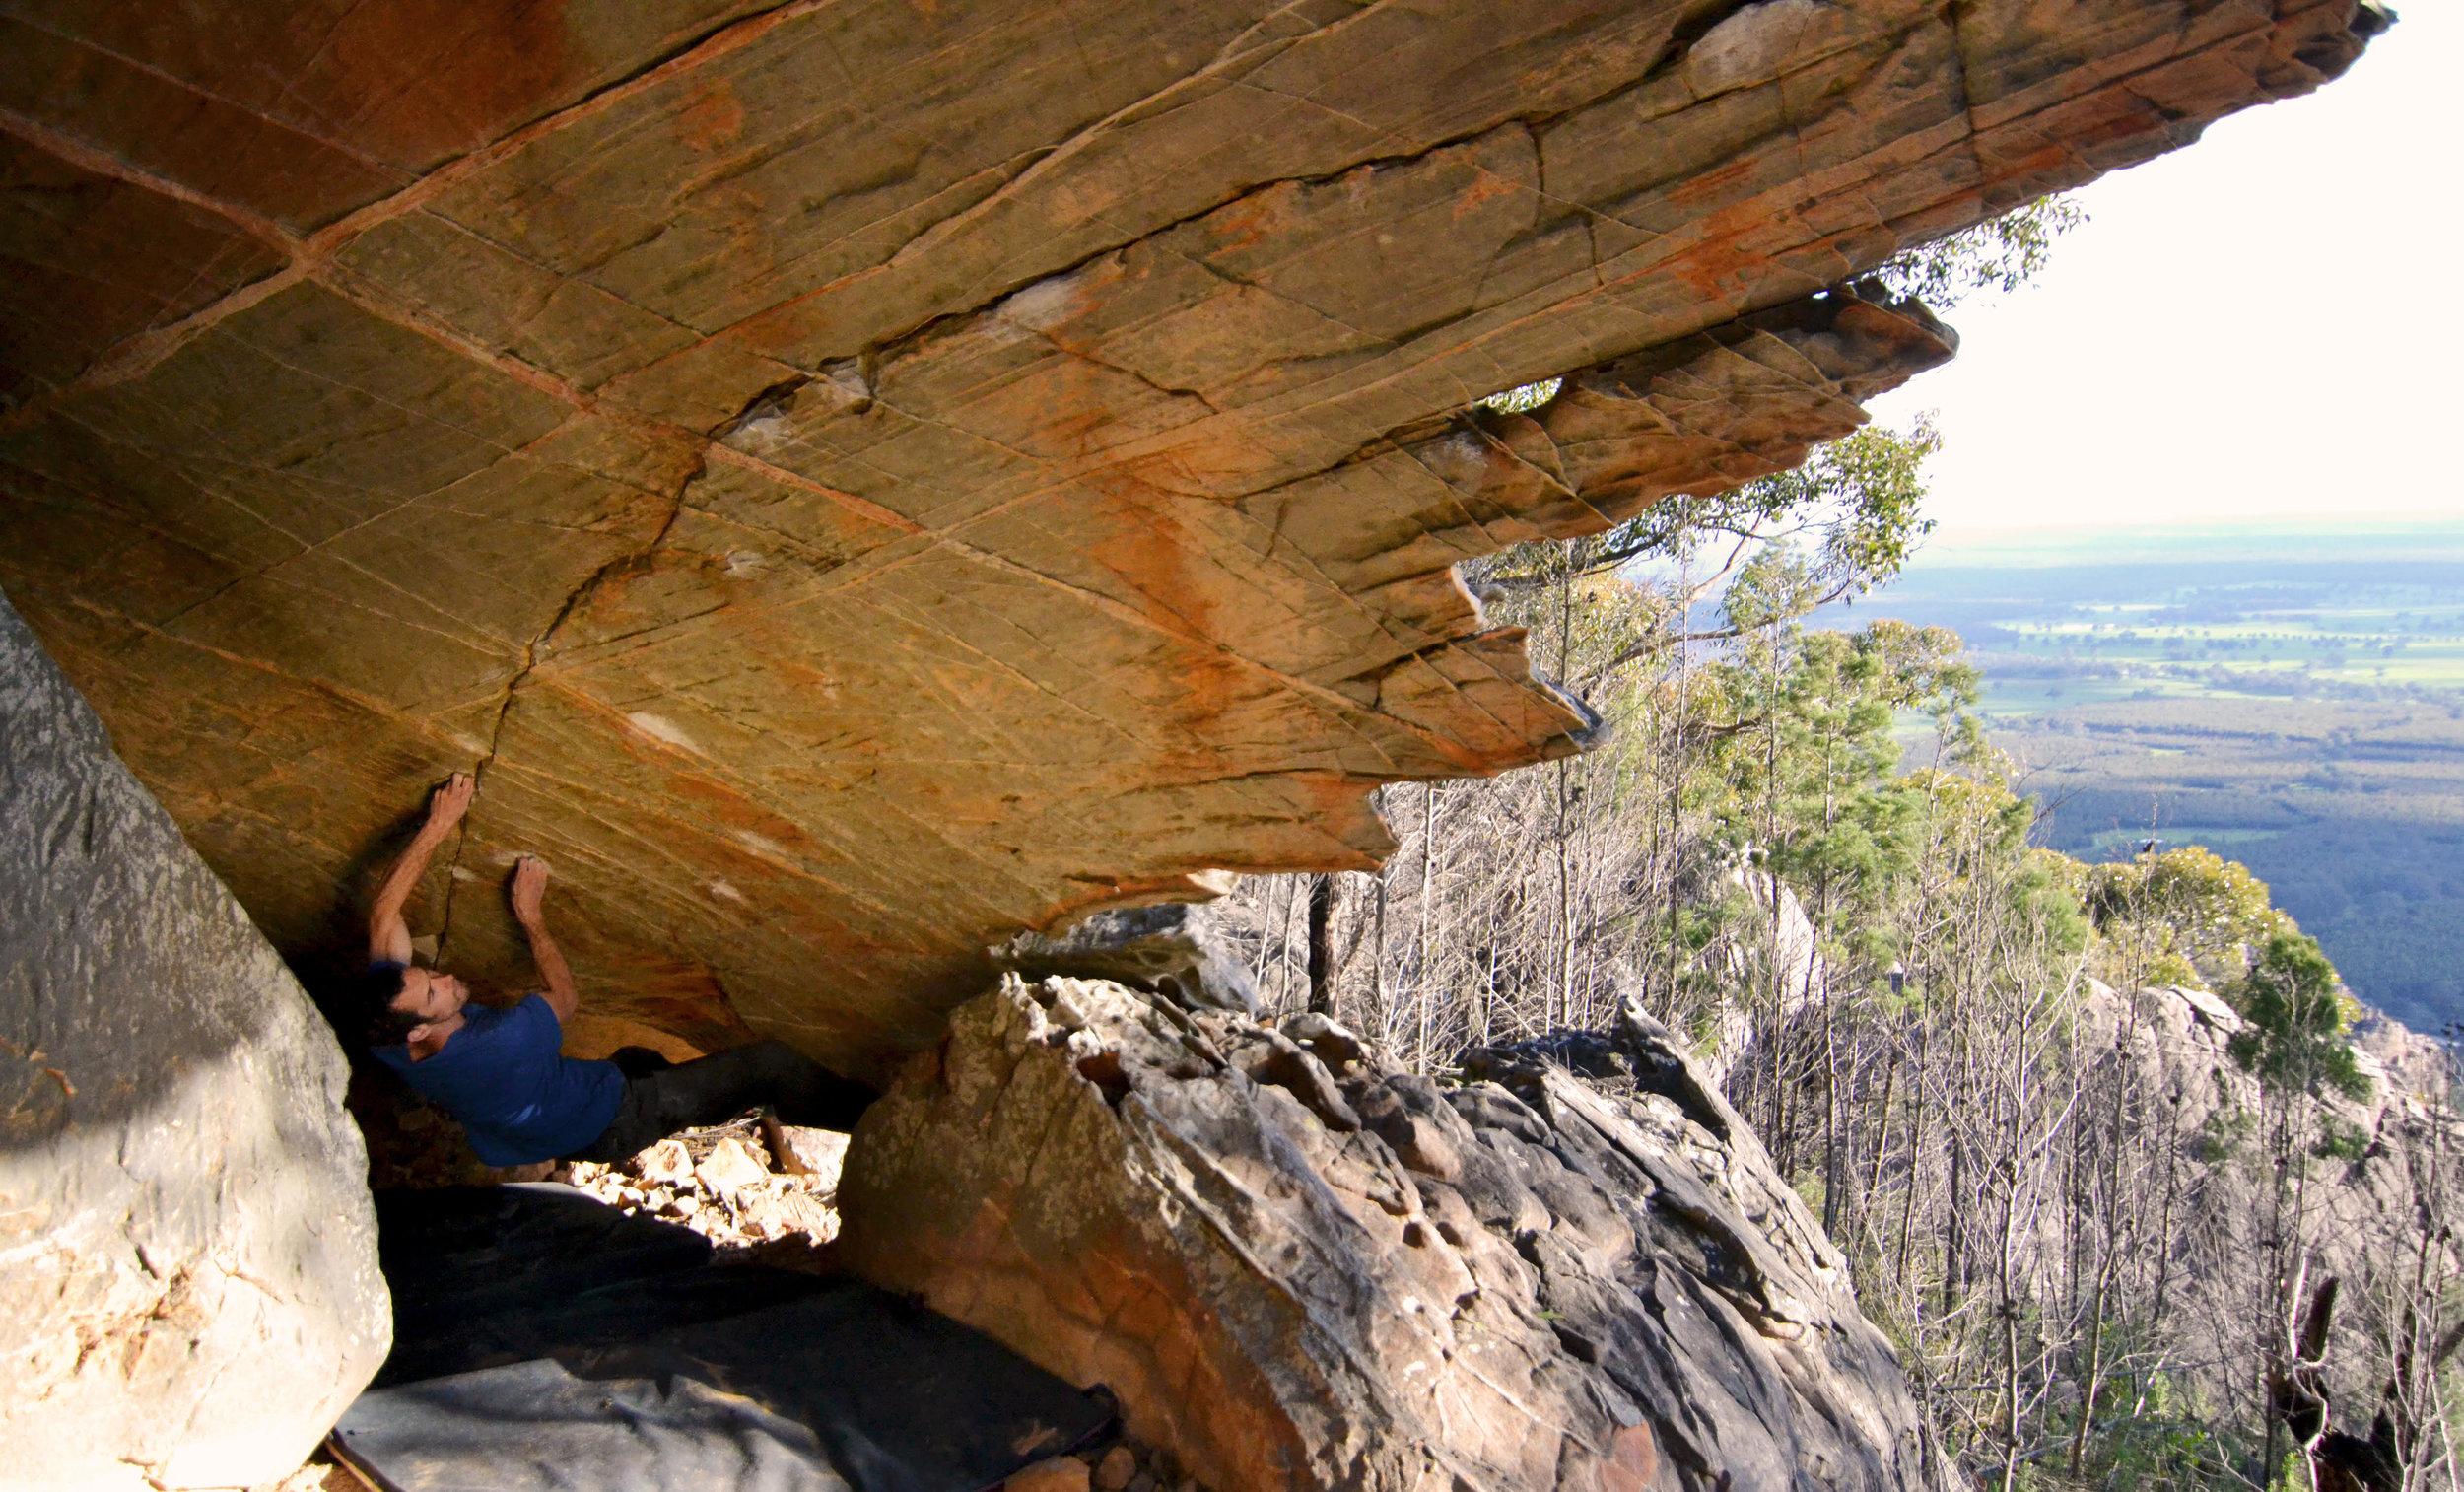 The Outsider V11 (8a) - Mt Fox, Australia. Photo:Mina Leslie-Wujastyk